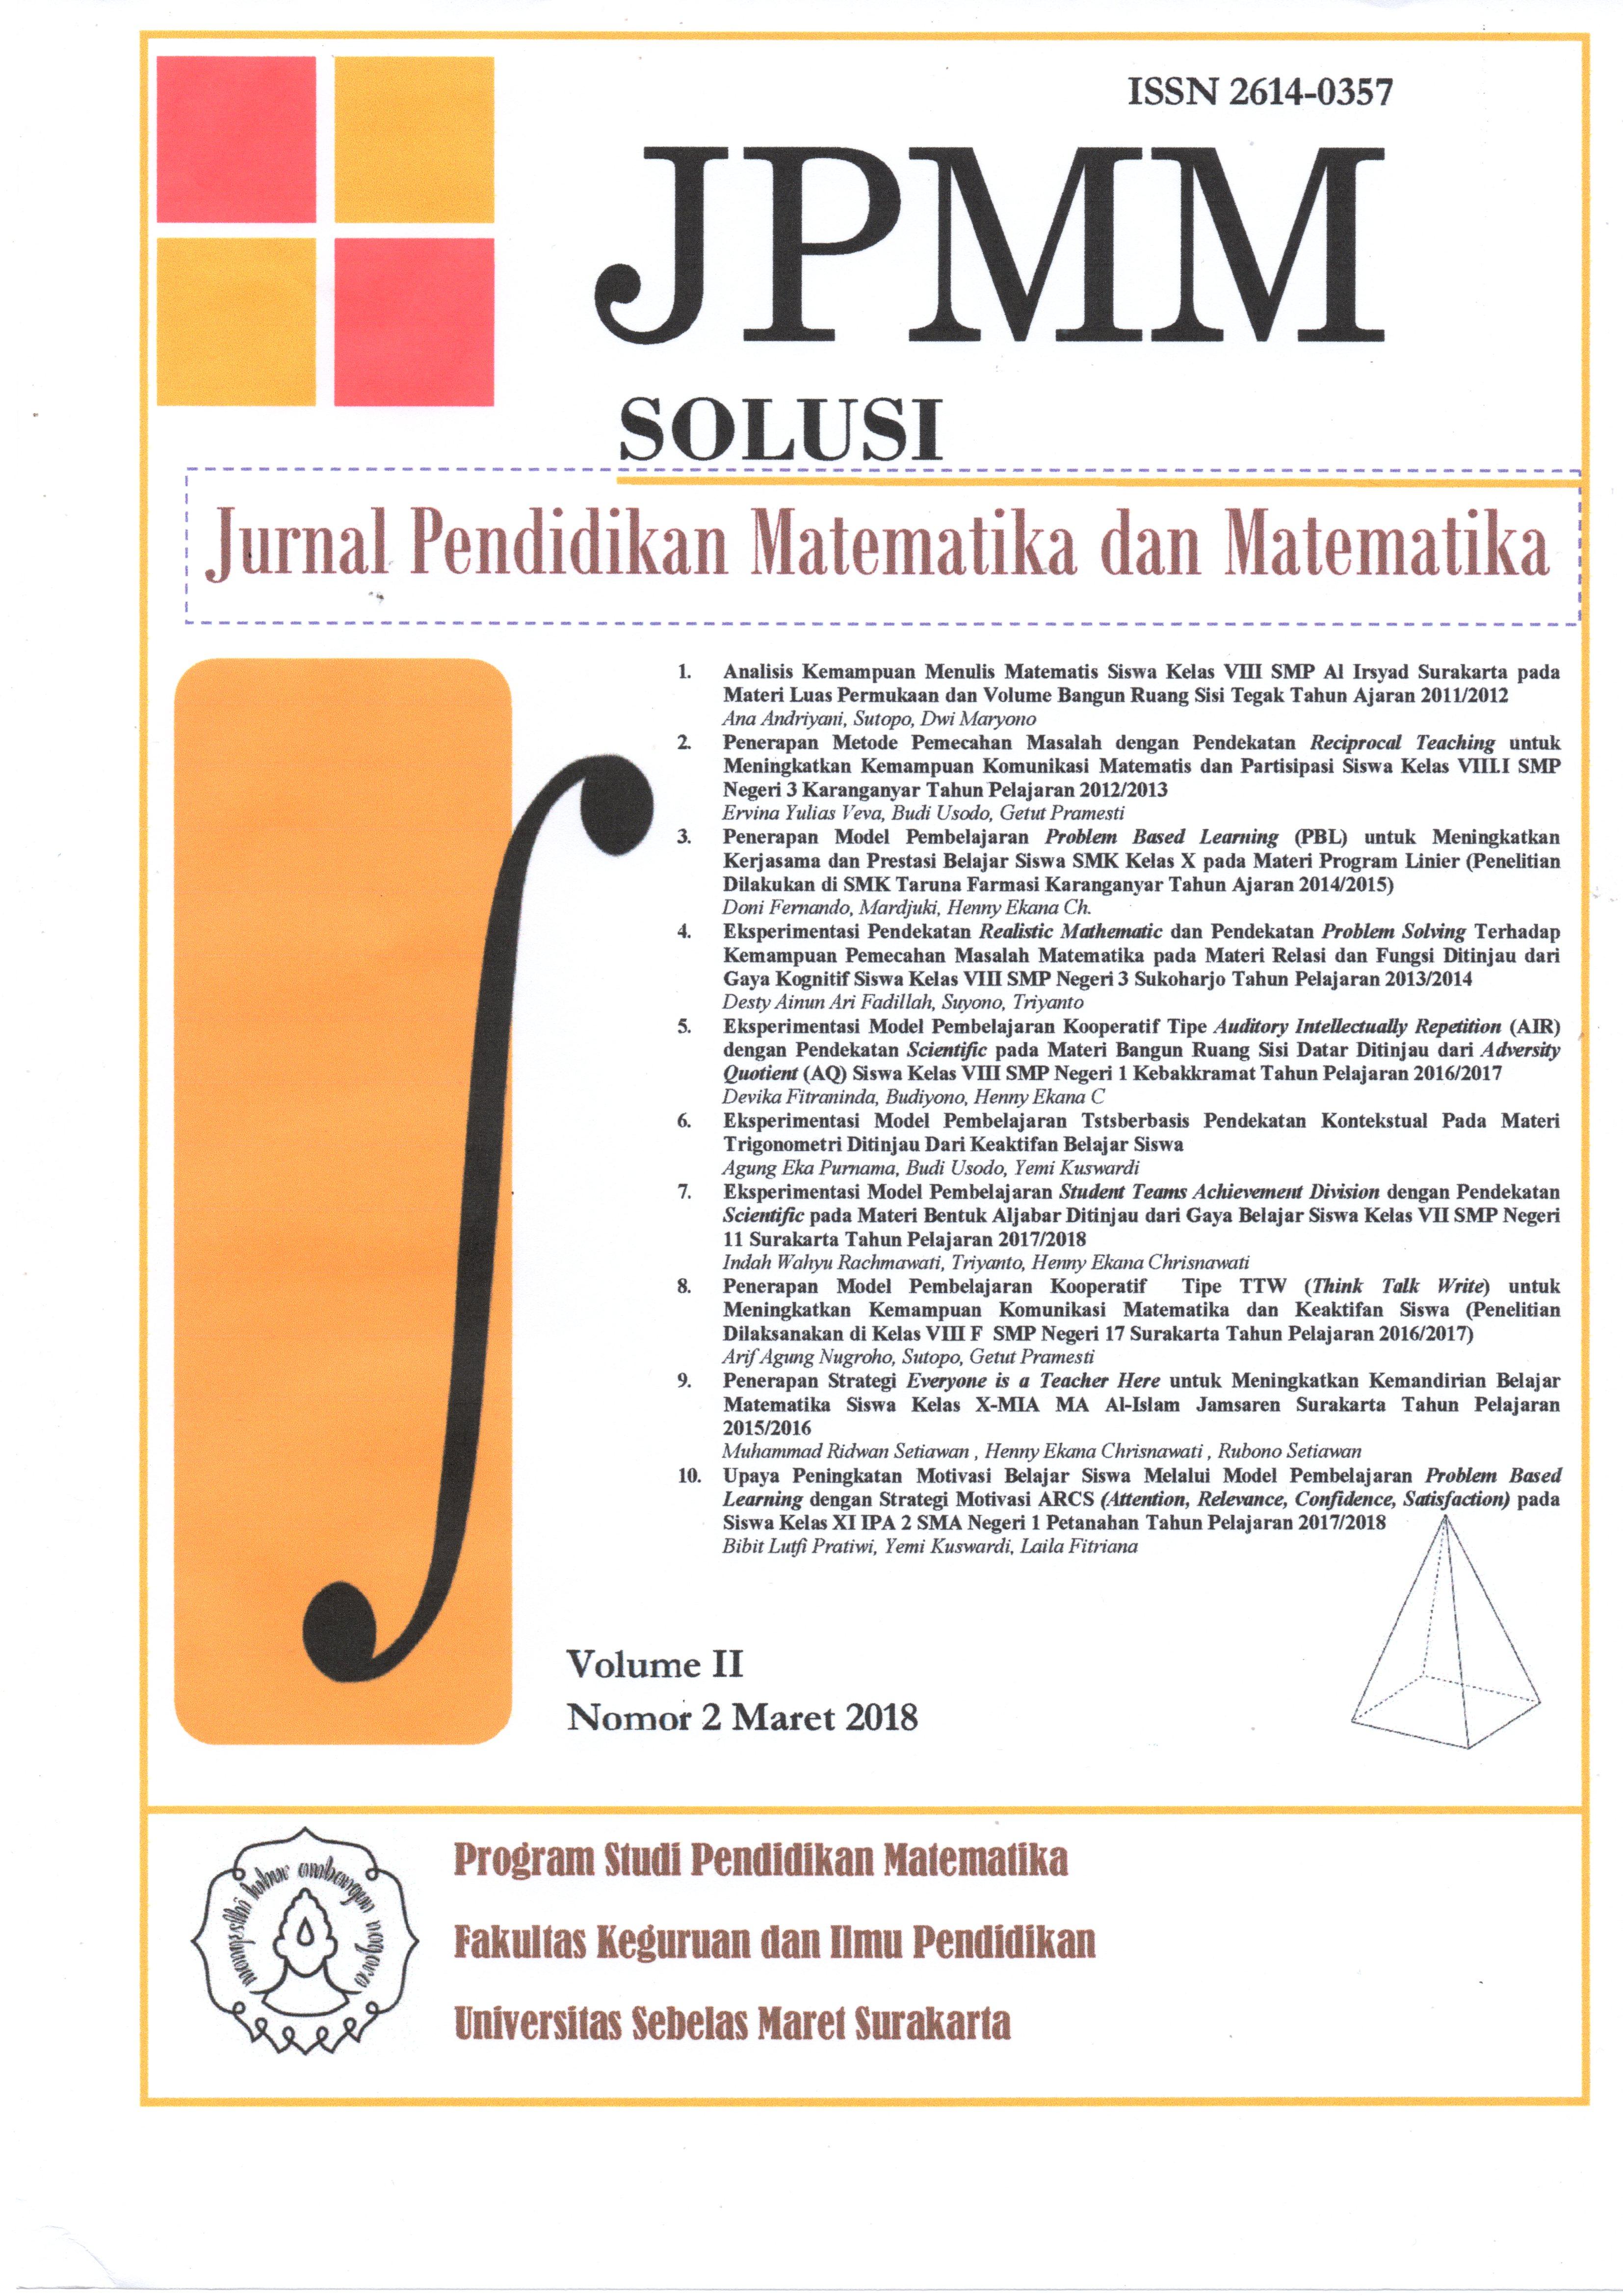 Jurnal Pendidikan Matematika dan Matematika SOLUSI